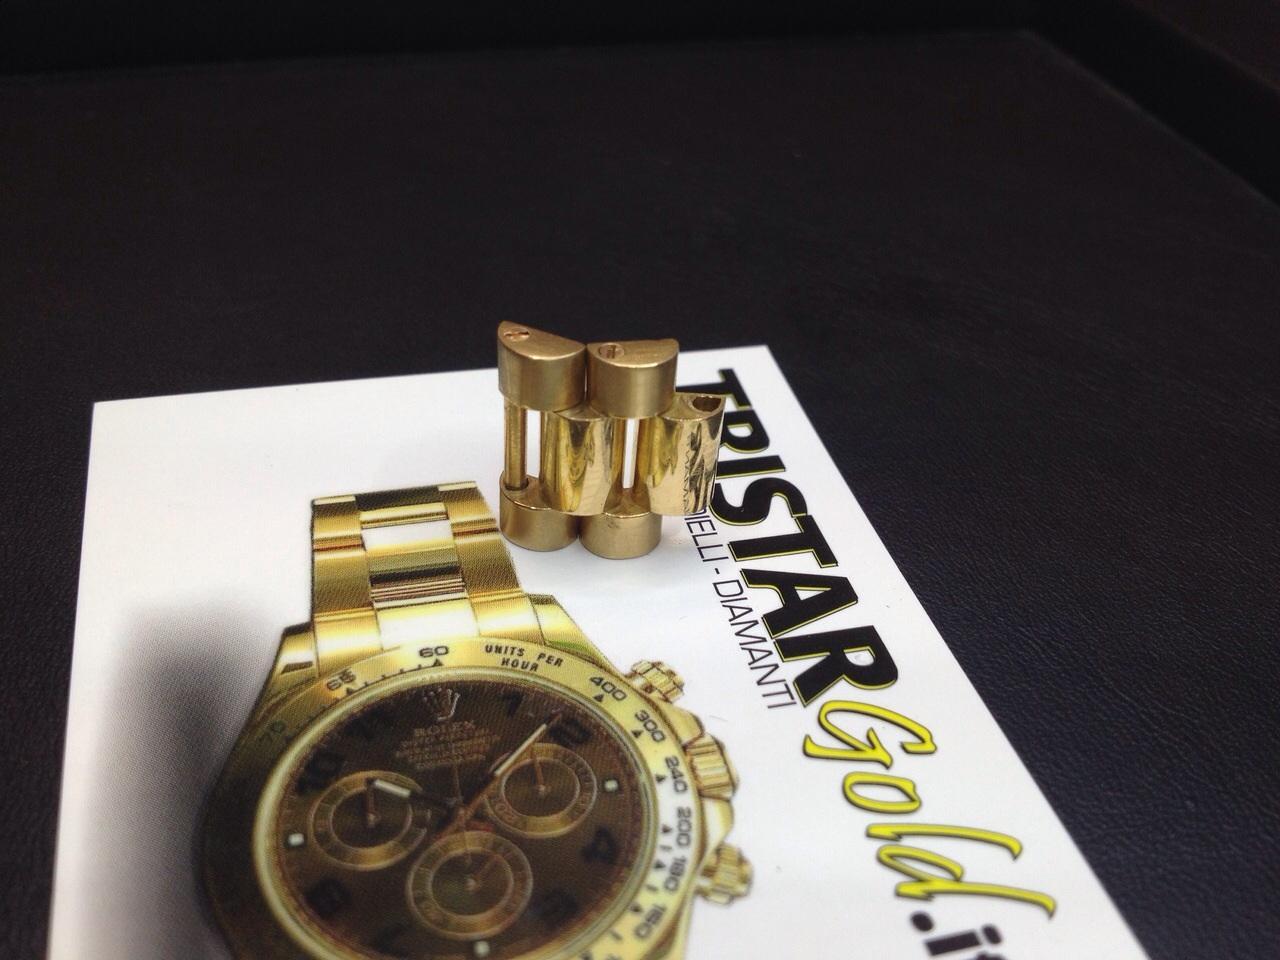 miglior sito web 2a60b c530d Maglia Rolex Oro Giallo - President